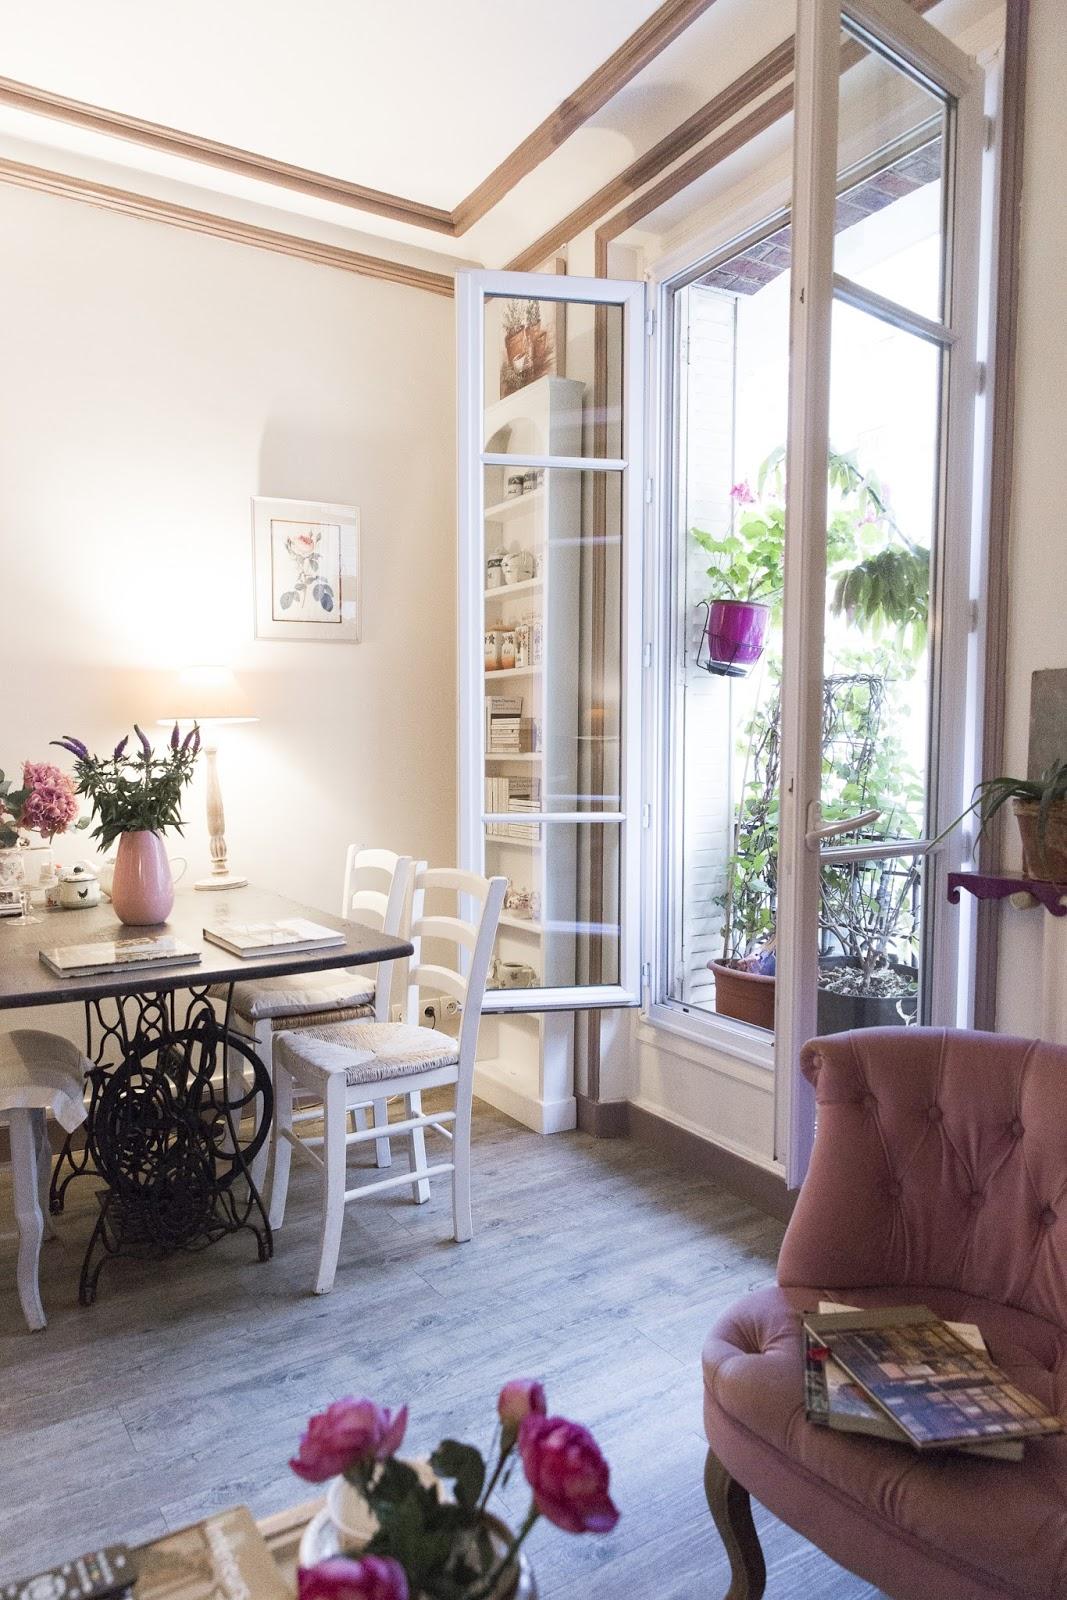 Best Breakfast Paris Cafes Blogspot